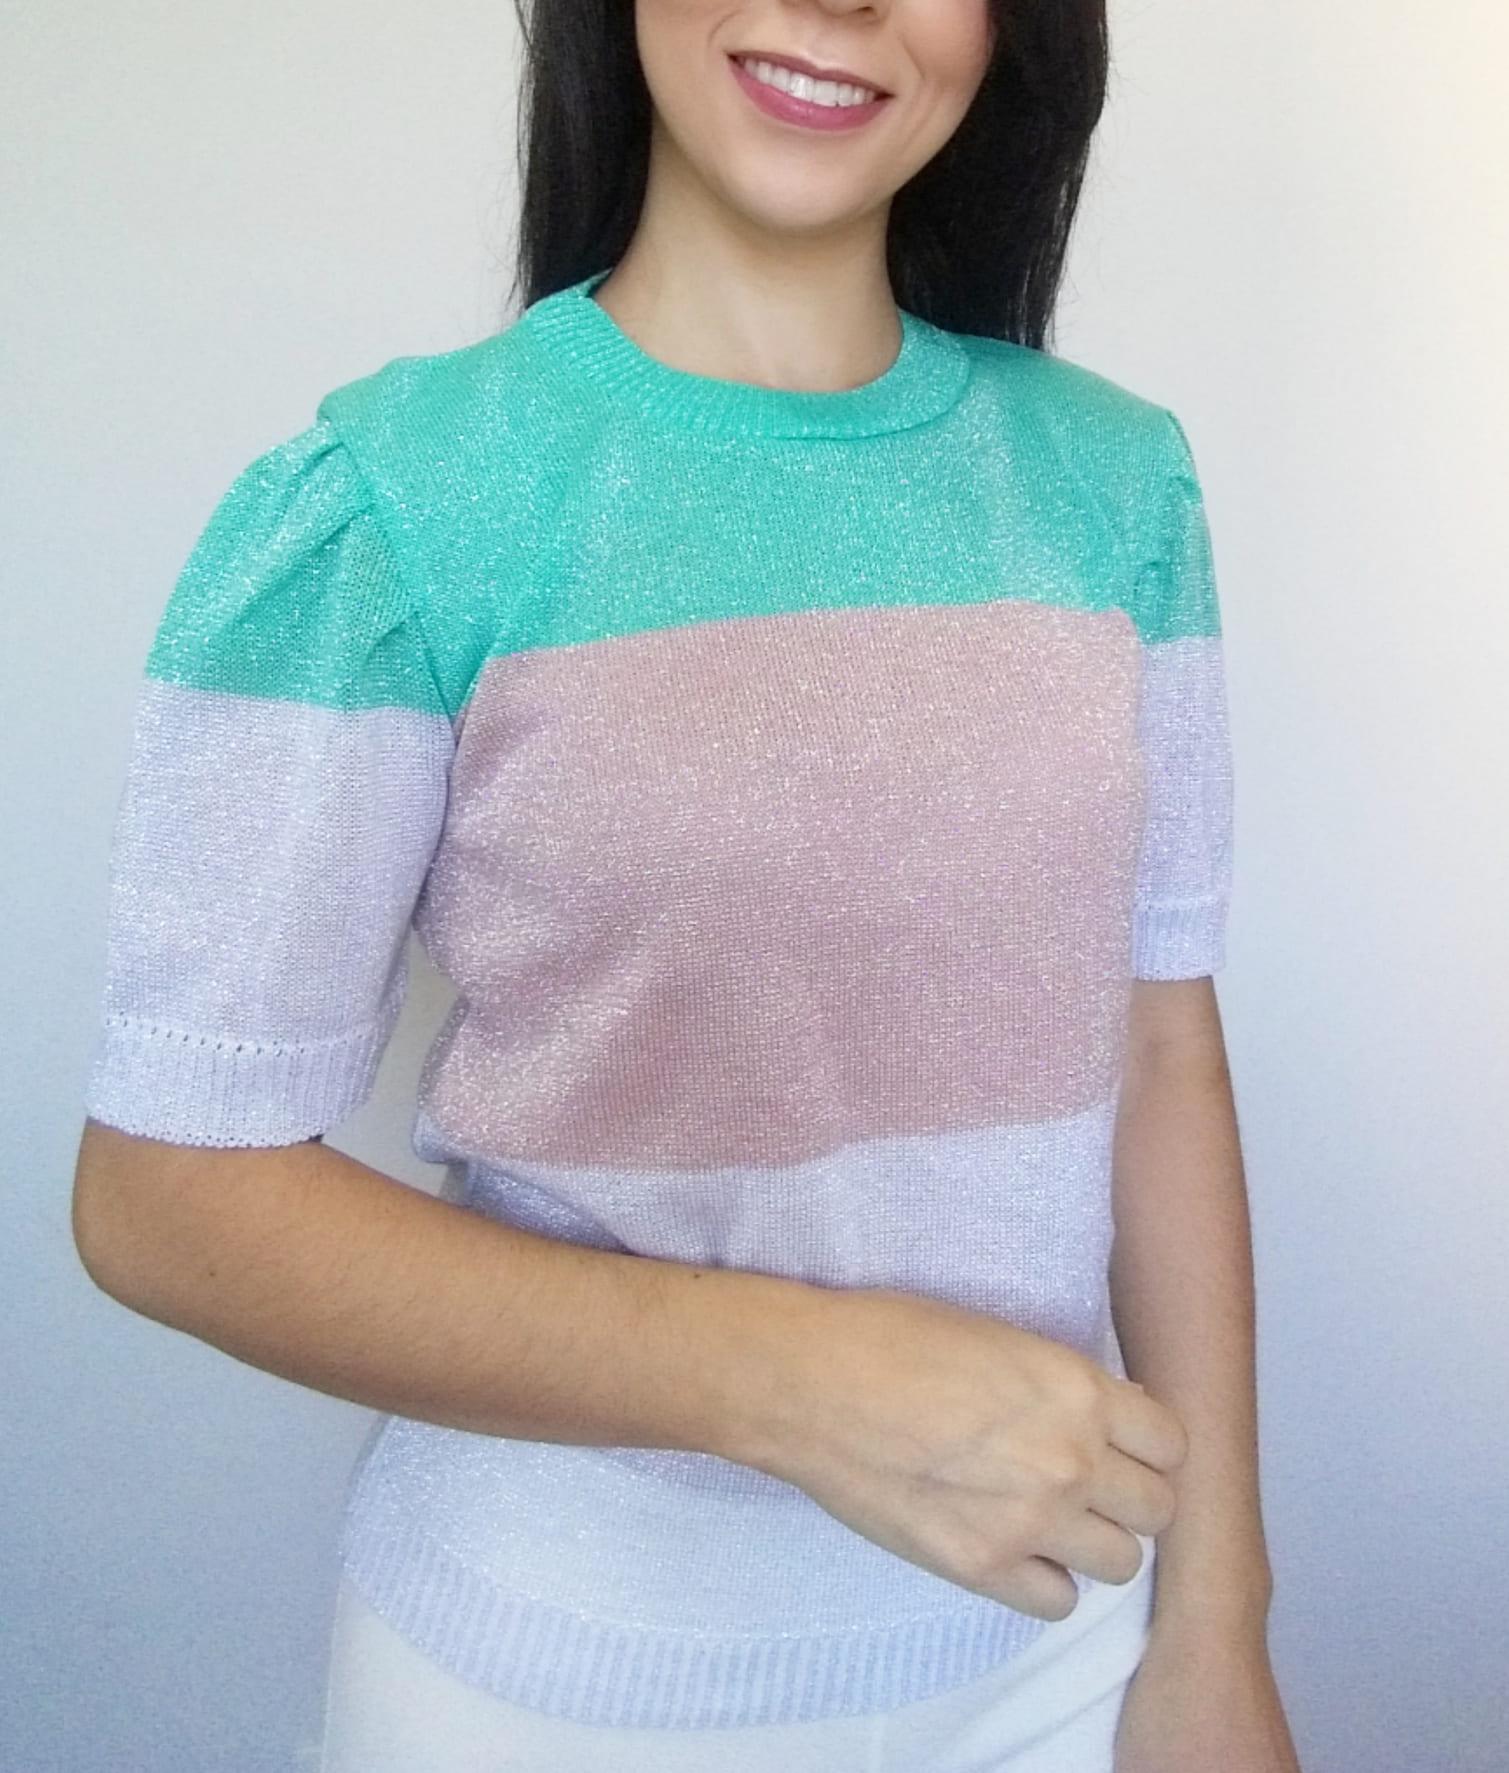 Blusa tricô luréx várias cores